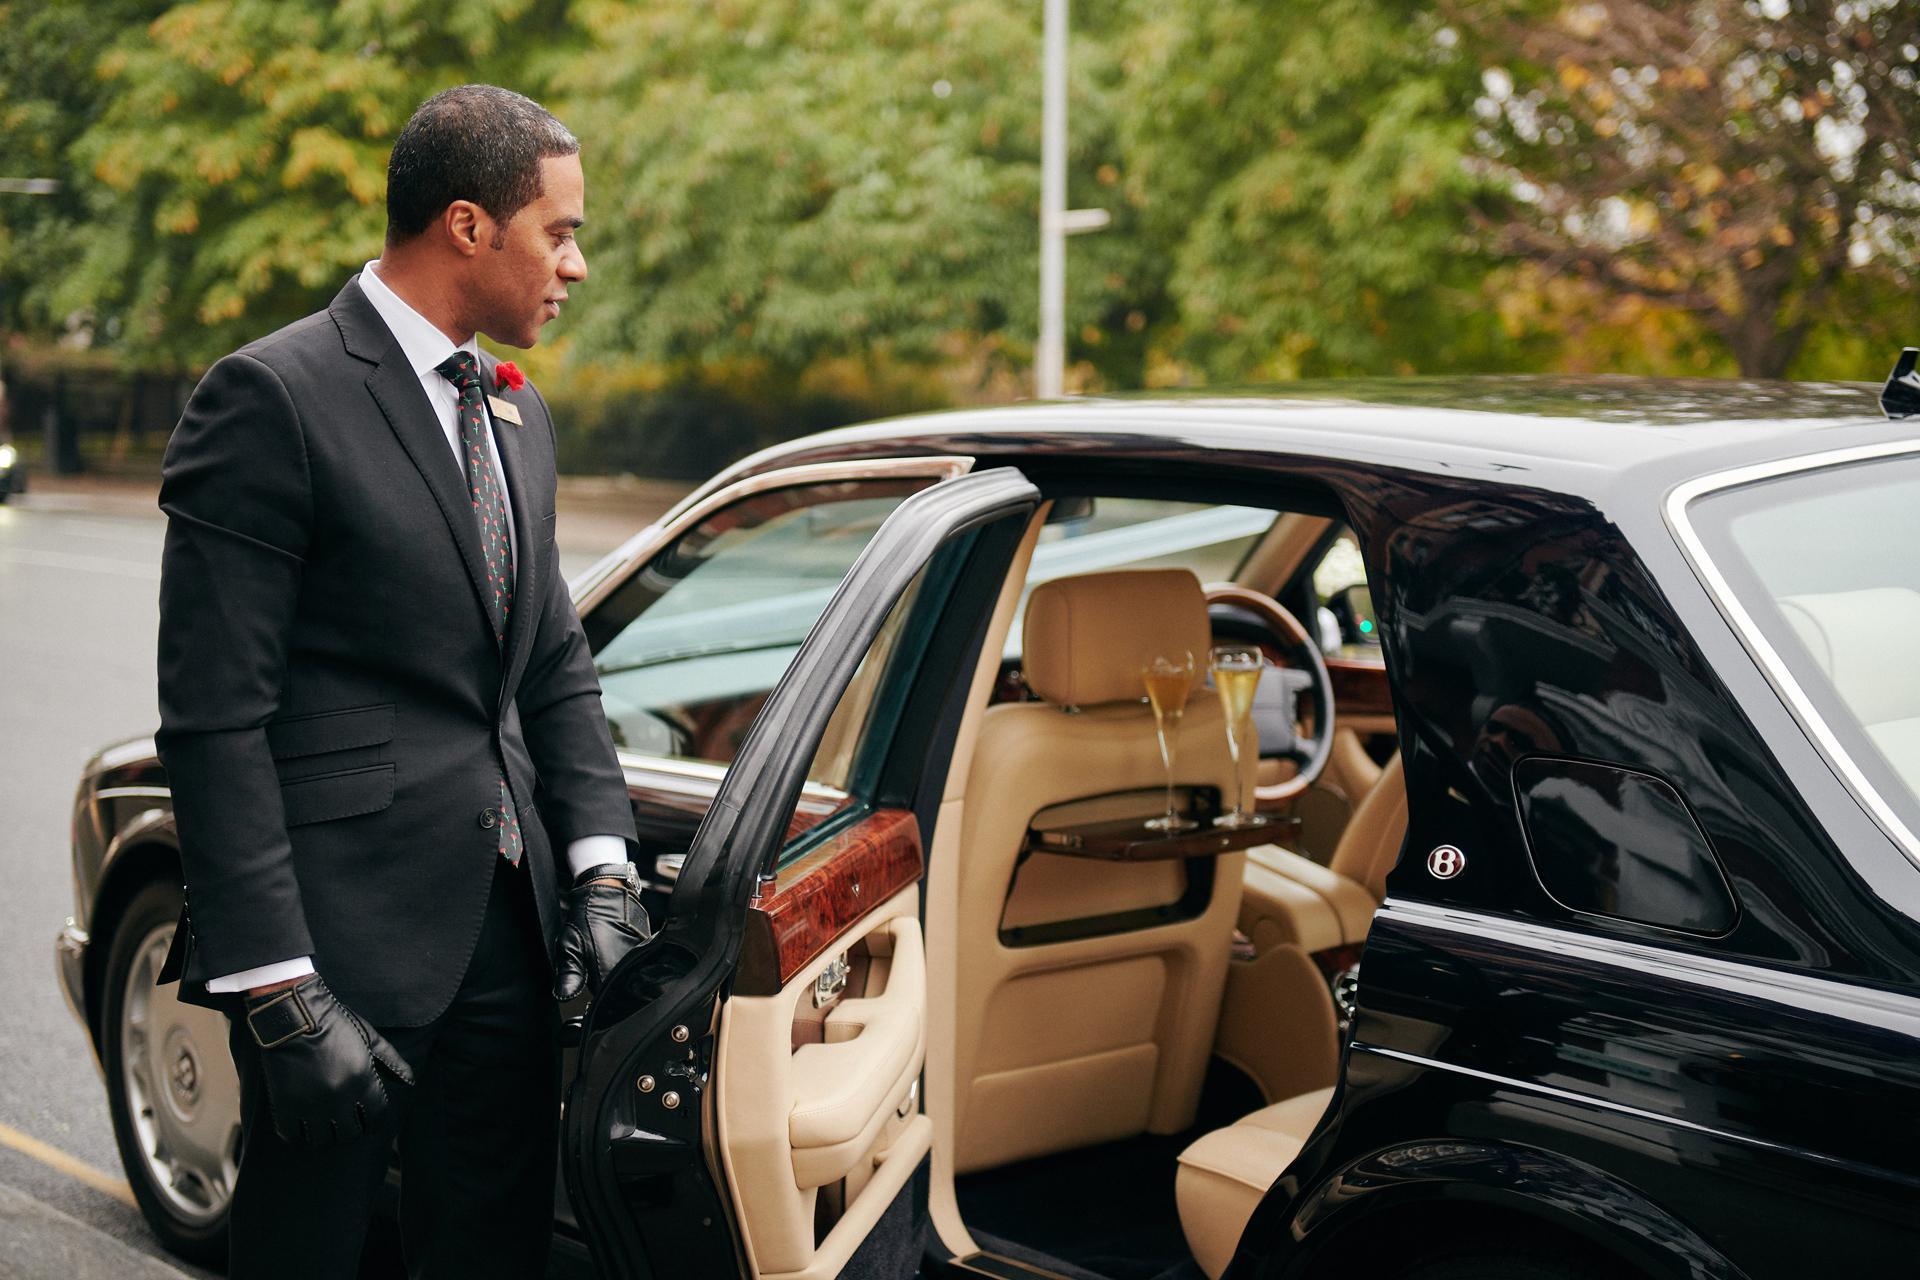 The Milestone personal chauffeur